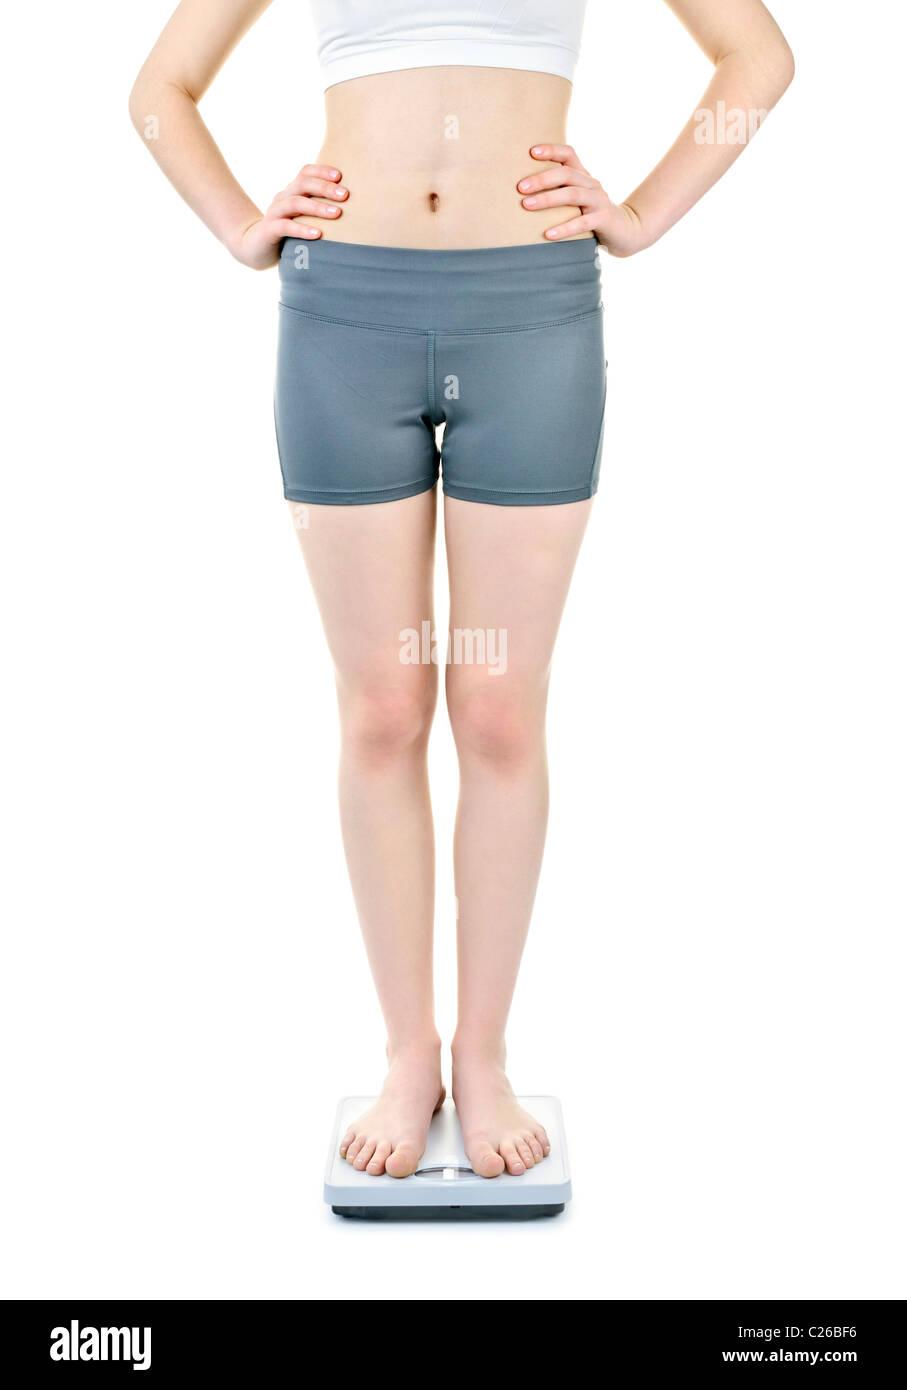 Santé de la jeune femme debout sur l'échelle de bain isolated on white Photo Stock